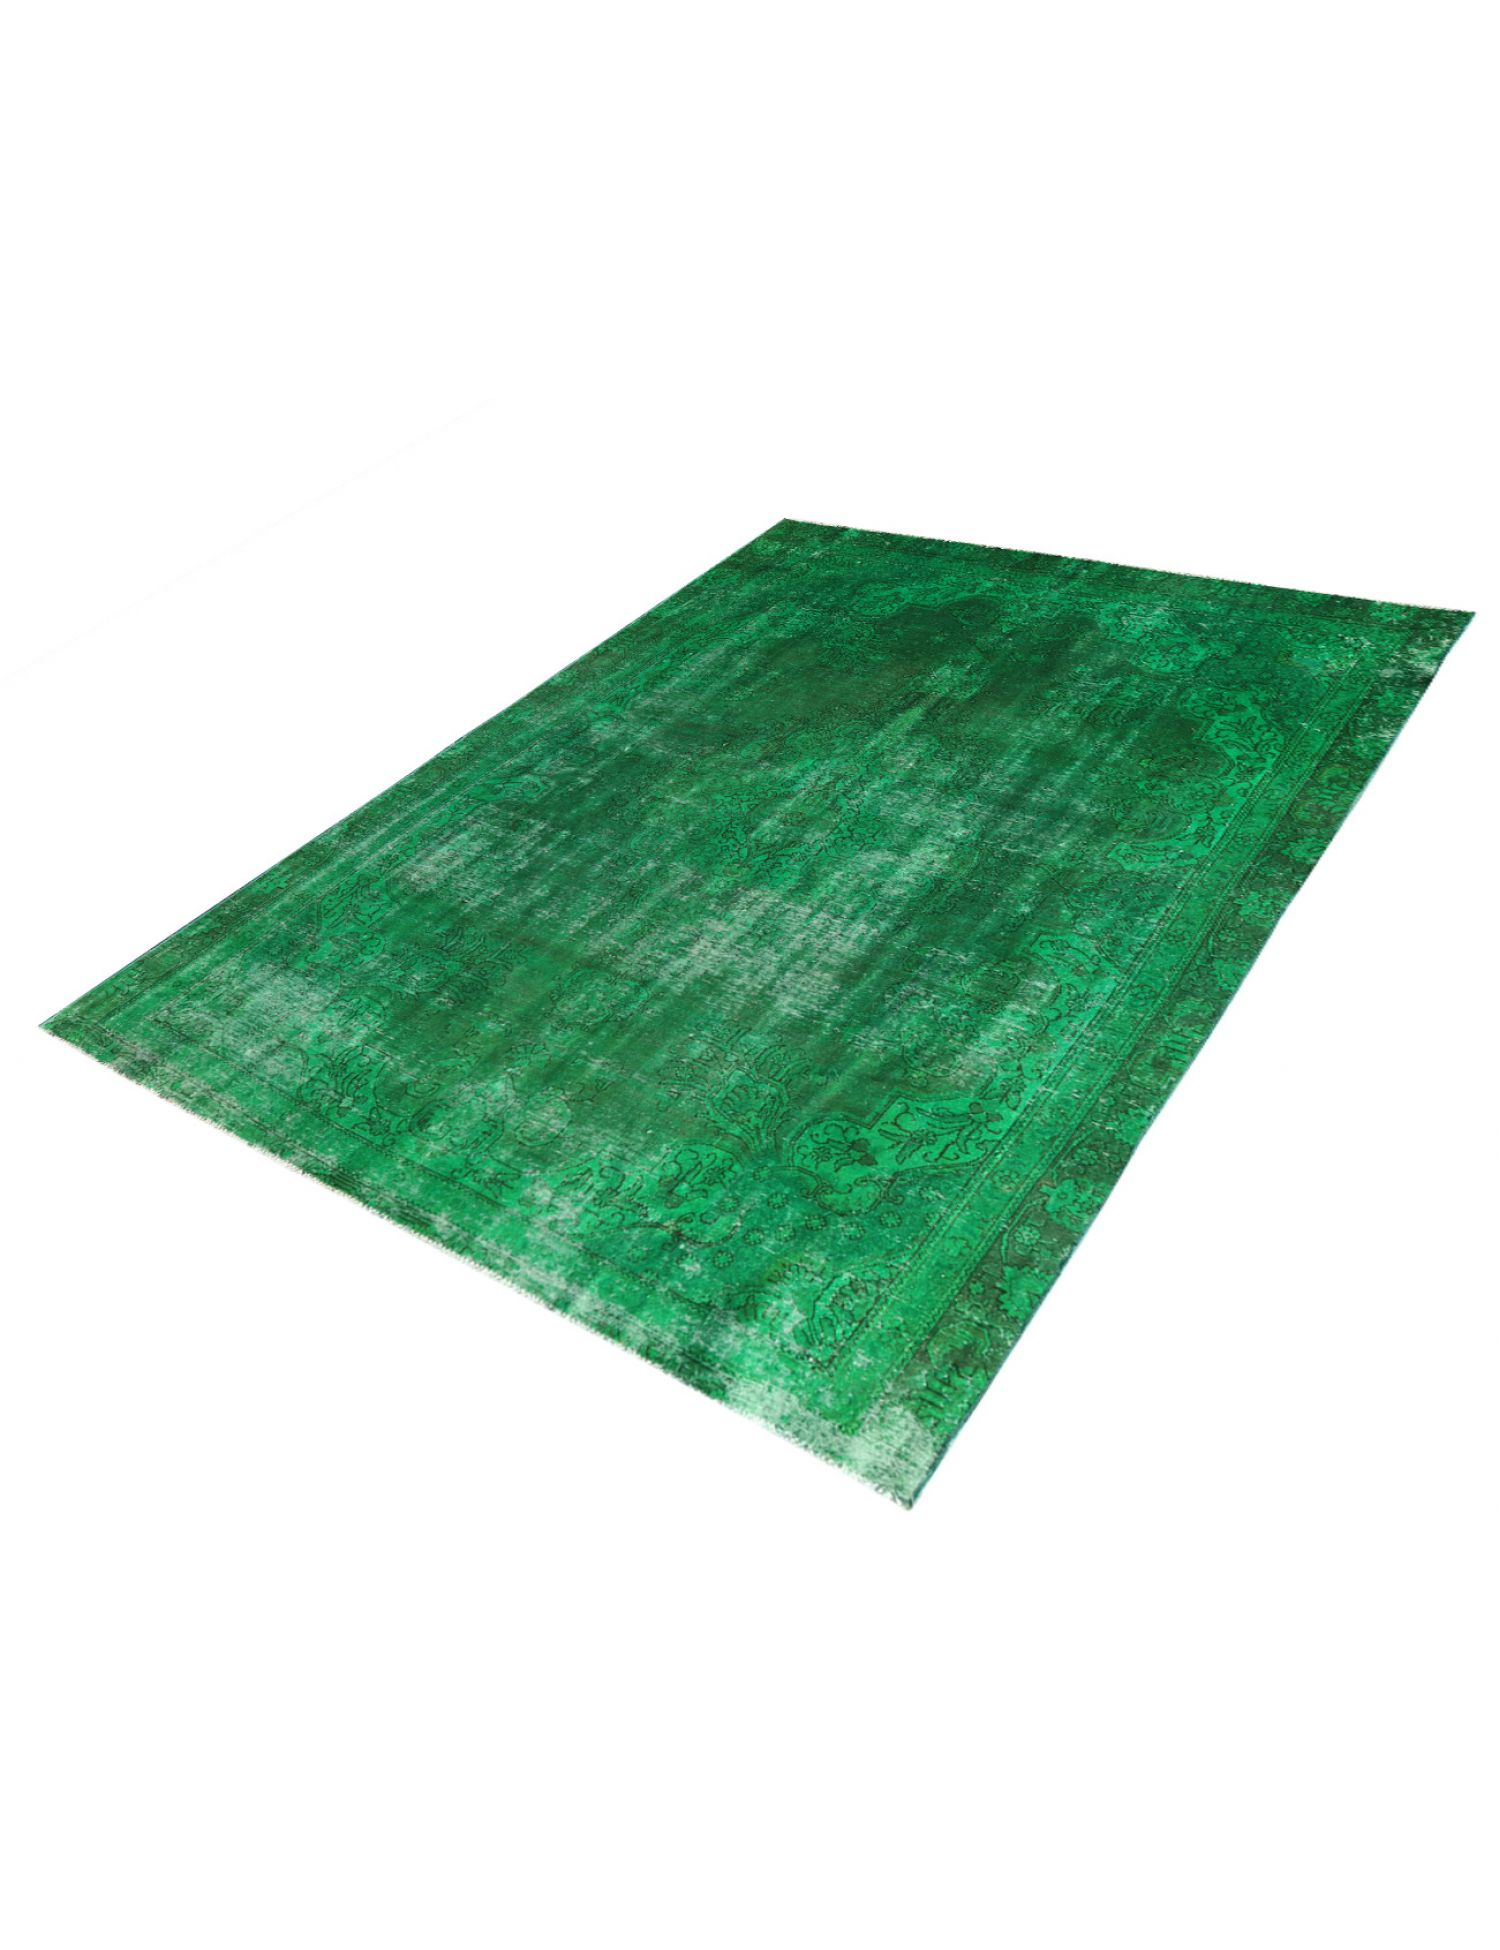 Vintage Teppich  grün <br/>330 x 246 cm